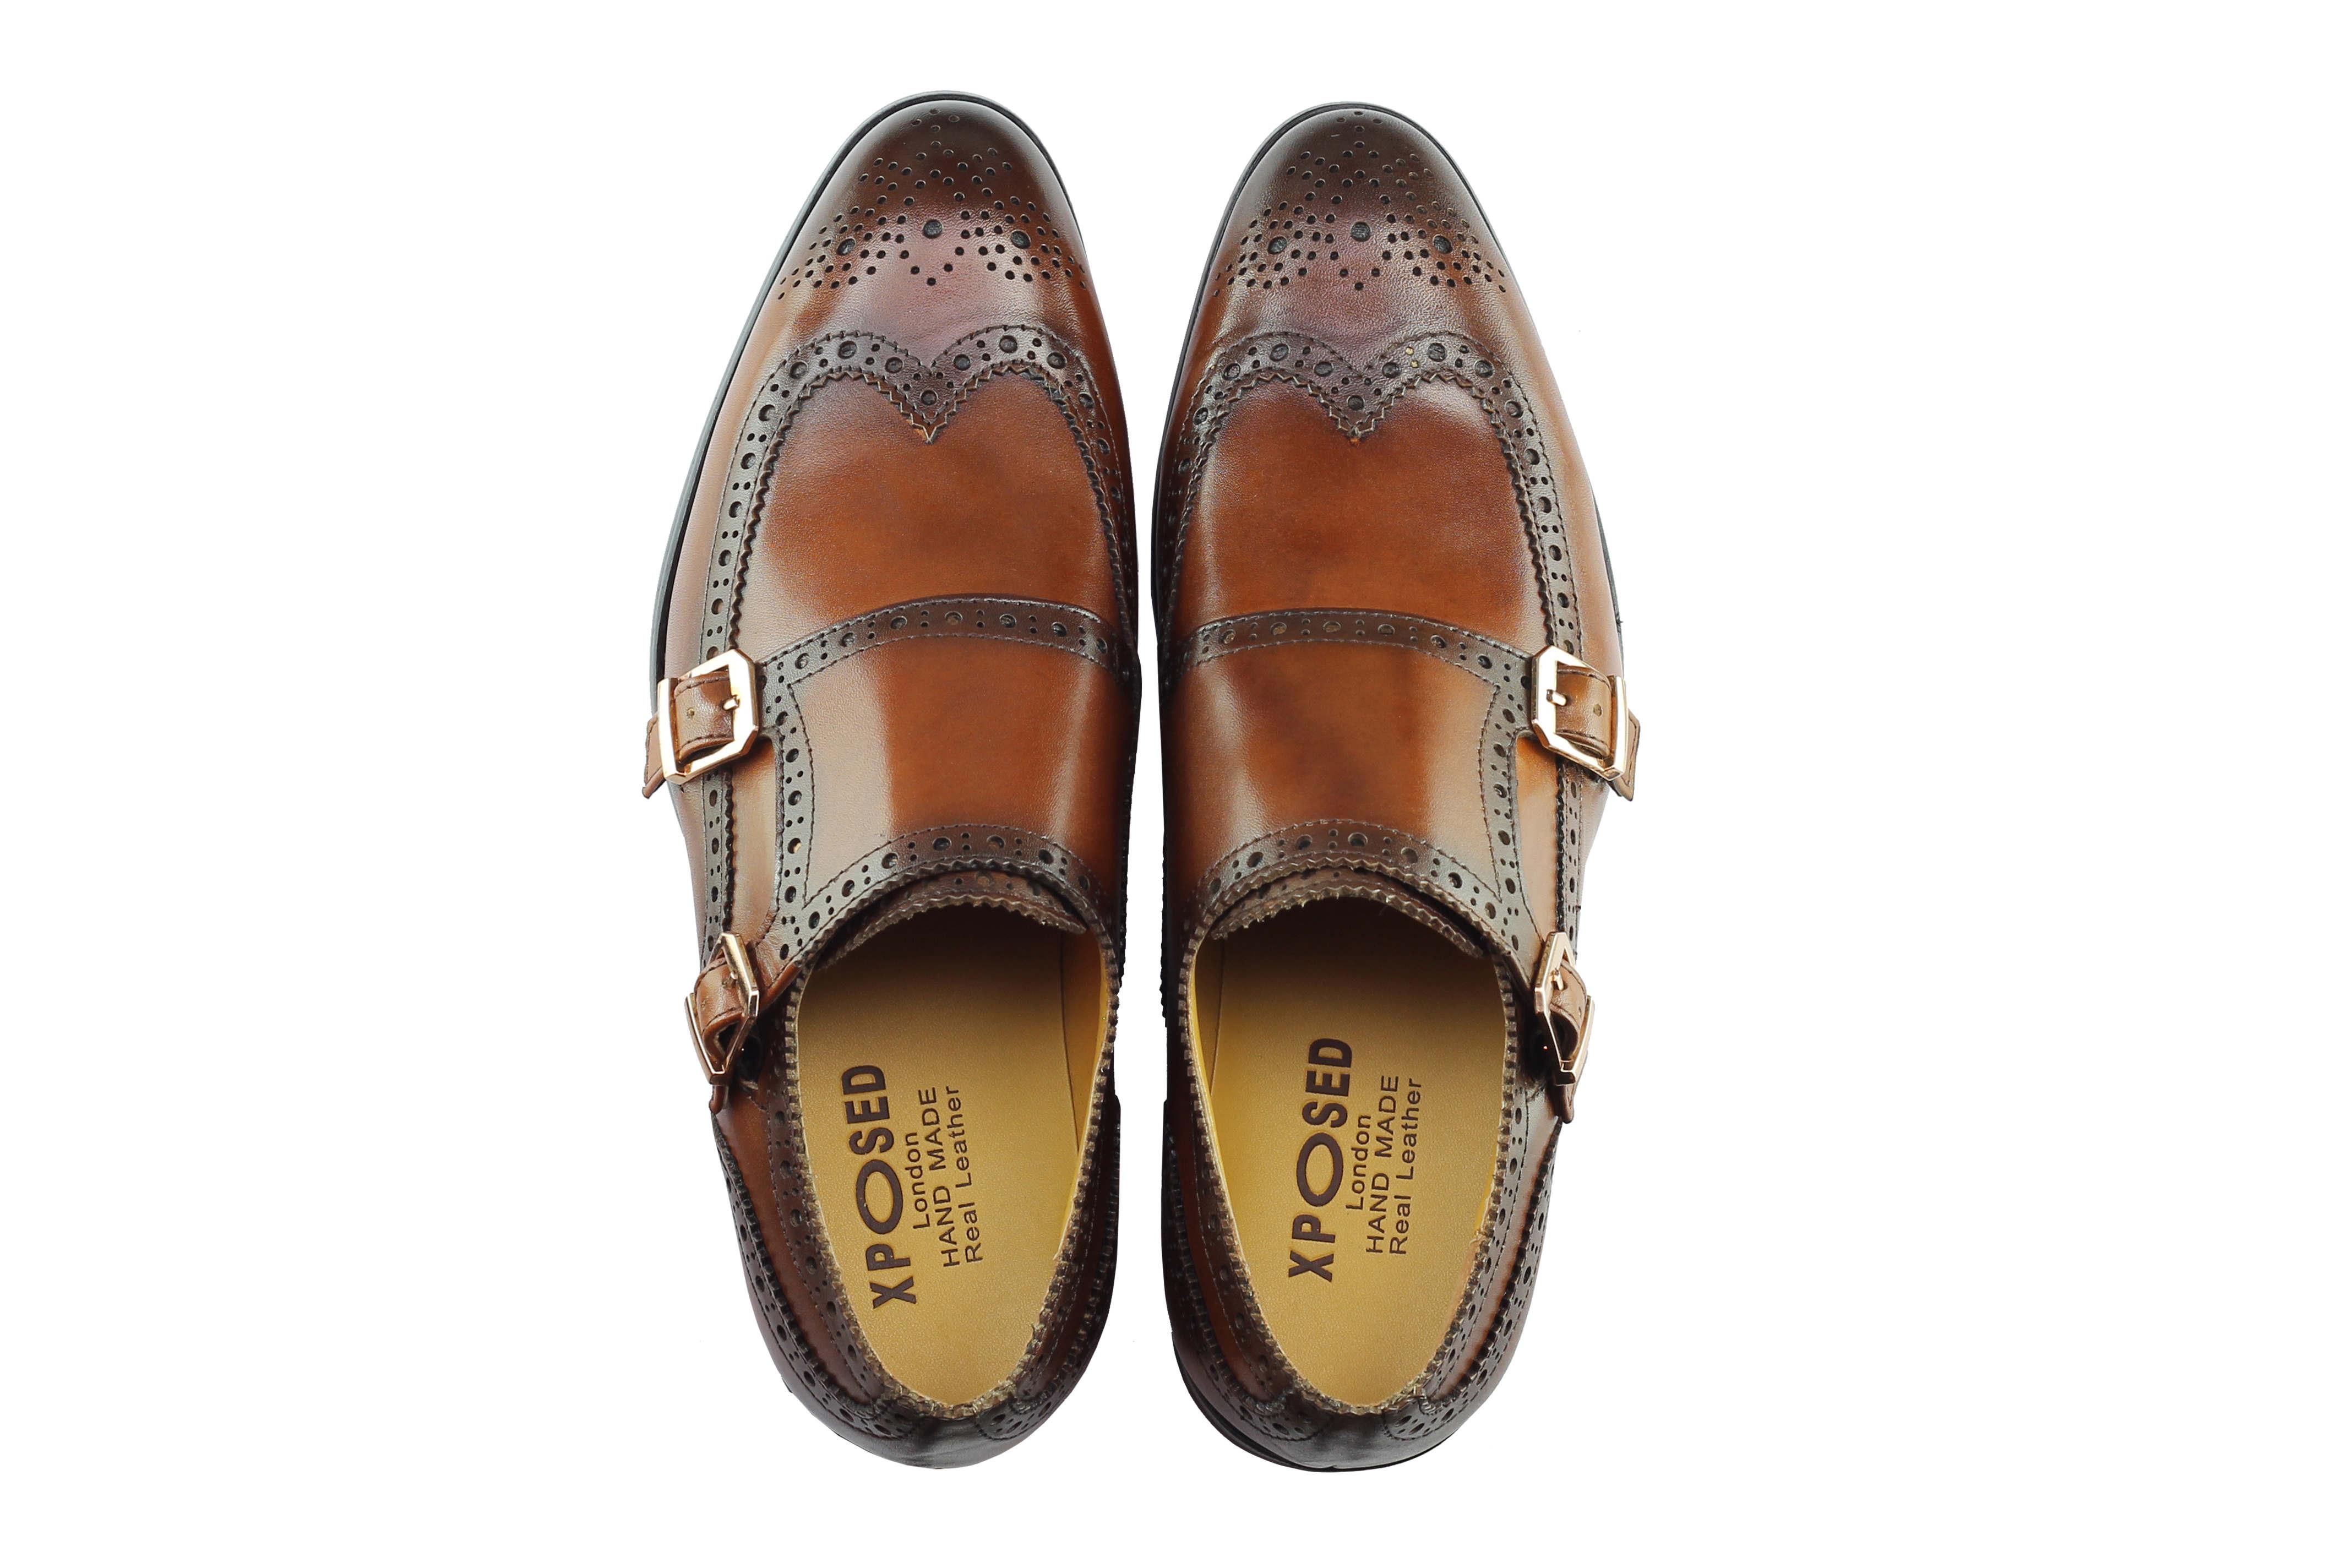 Vintage-pour-homme-Noir-Marron-En-Cuir-Veritable-Richelieu-a-Moine-Chaussures-elegant-Formel-Lacet miniature 15